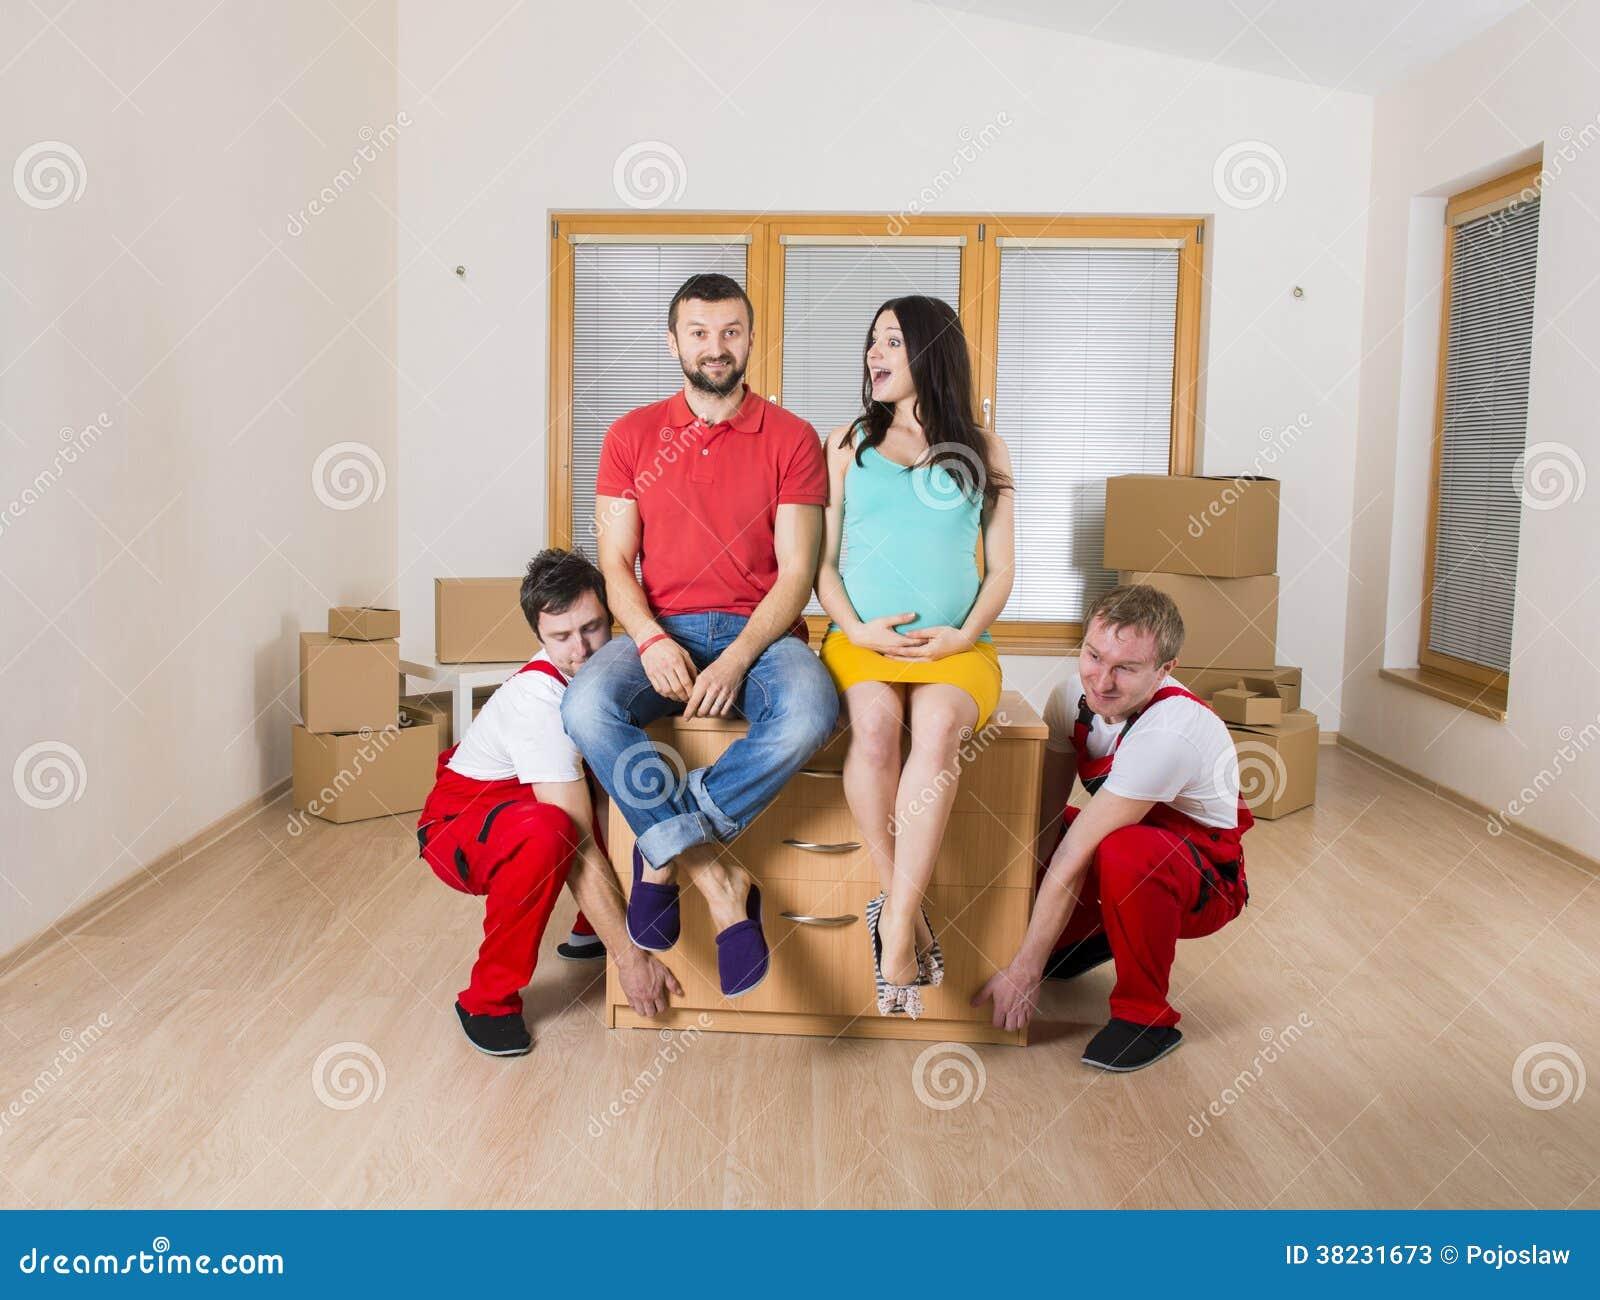 Μετακινούμενοι στο καινούργιο σπίτι